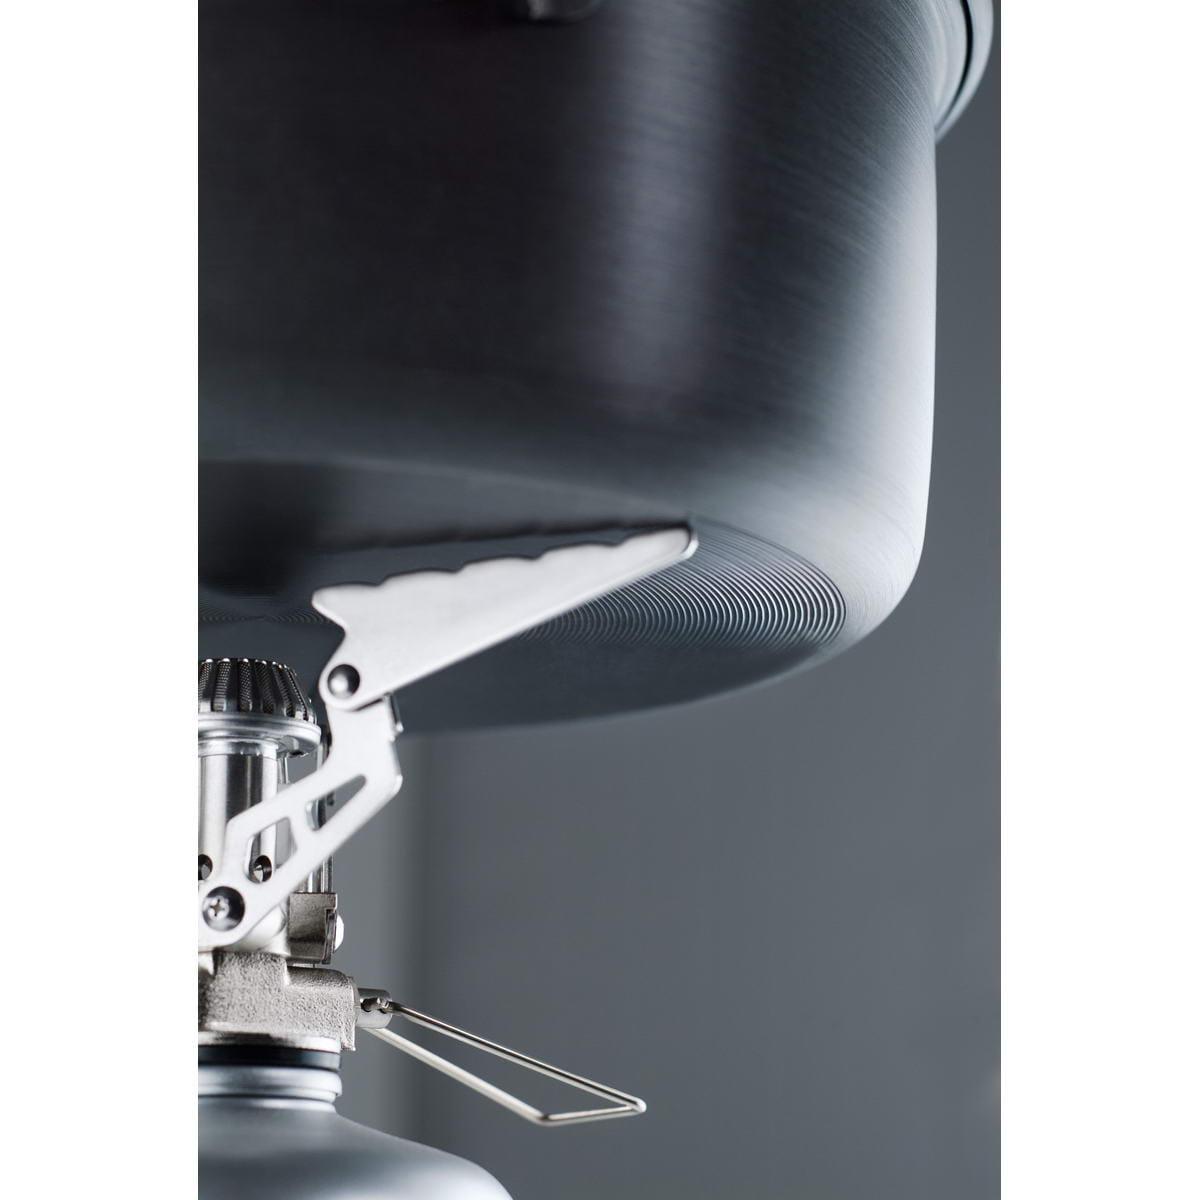 GSI Halulite 4.7 L Pot - HA-Alu-Topf - Bild 3